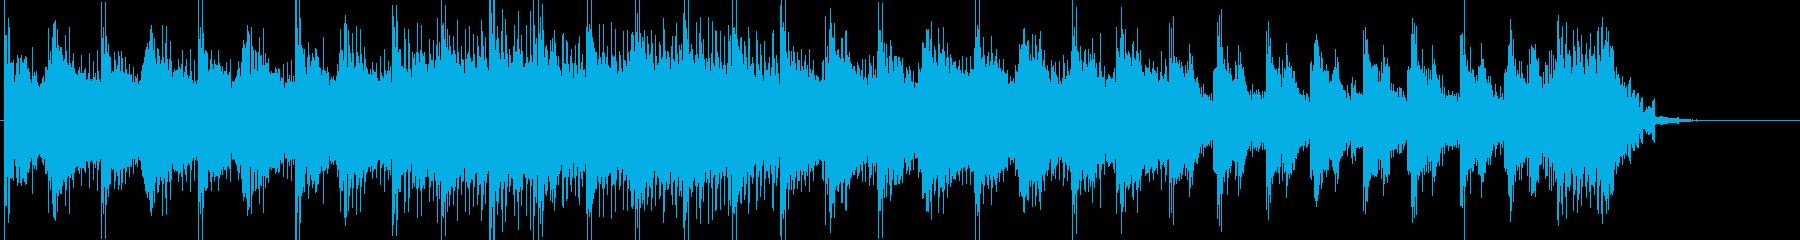 不穏な雰囲気のうっすらと不気味な曲の再生済みの波形